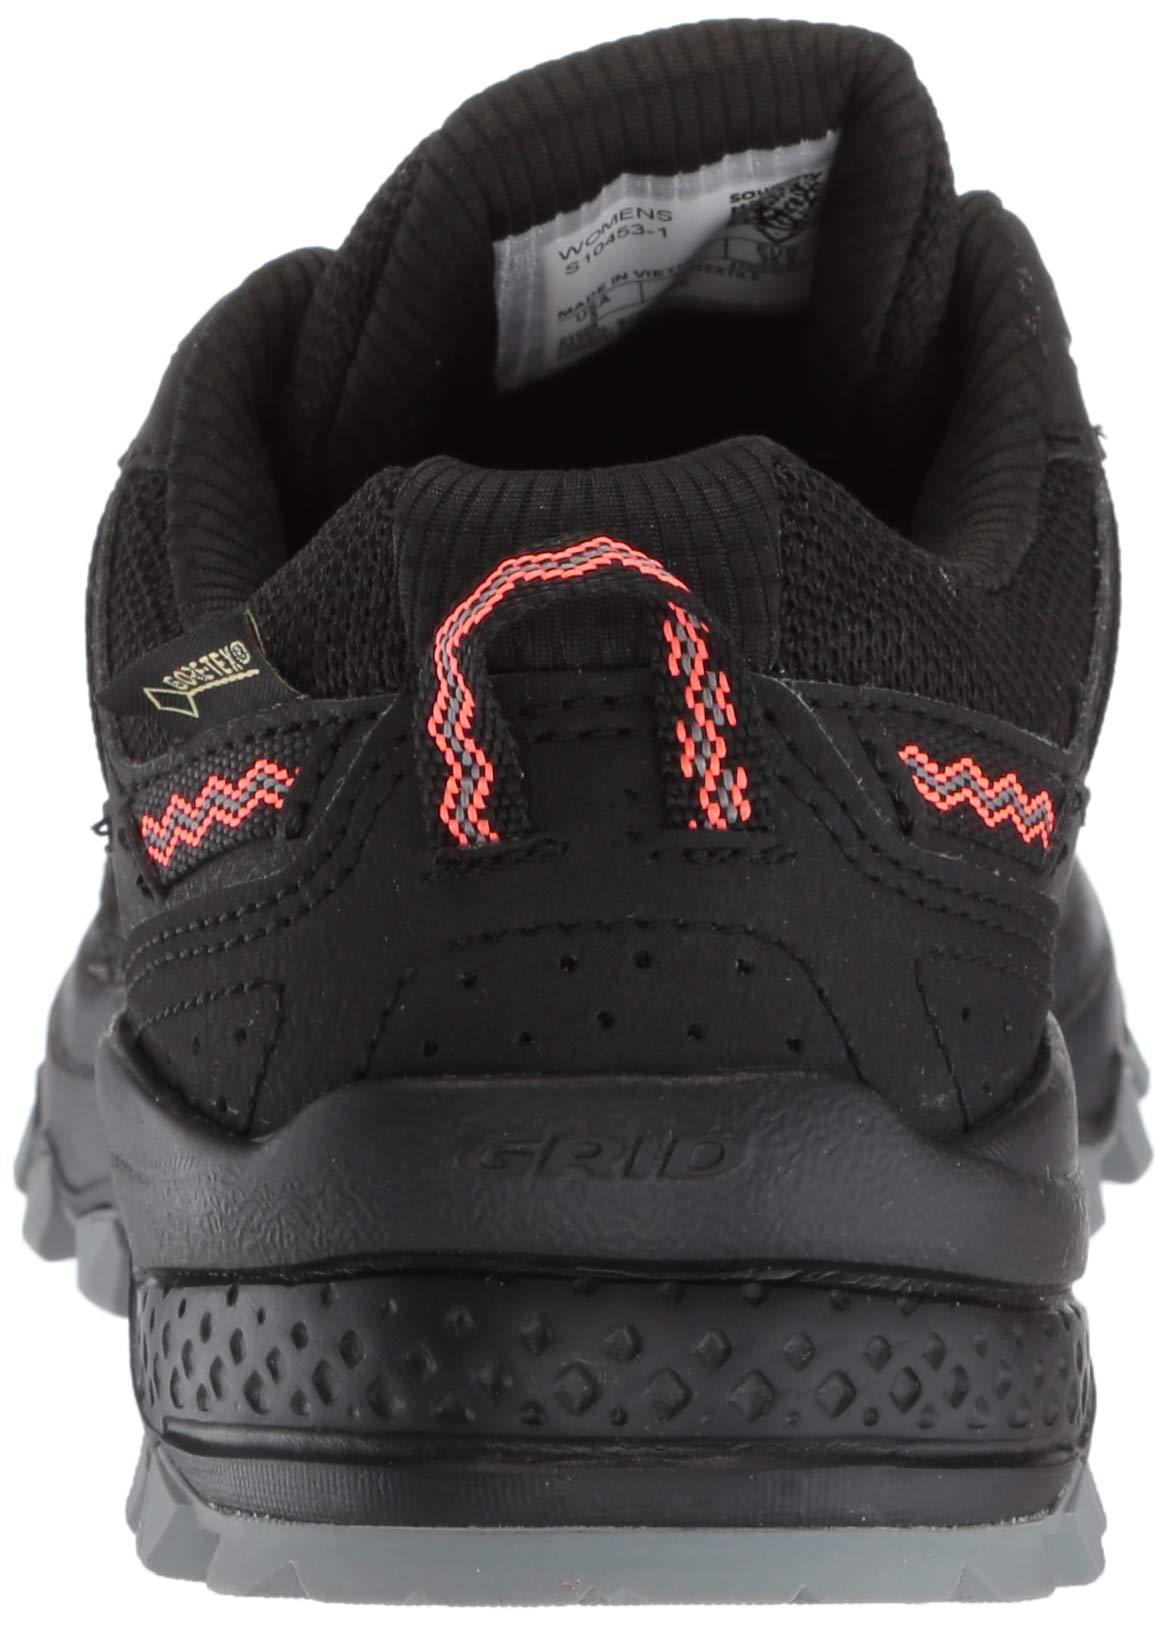 61rc7WxzWgL - Saucony Women's Excursion Tr12 GTX Training Shoes